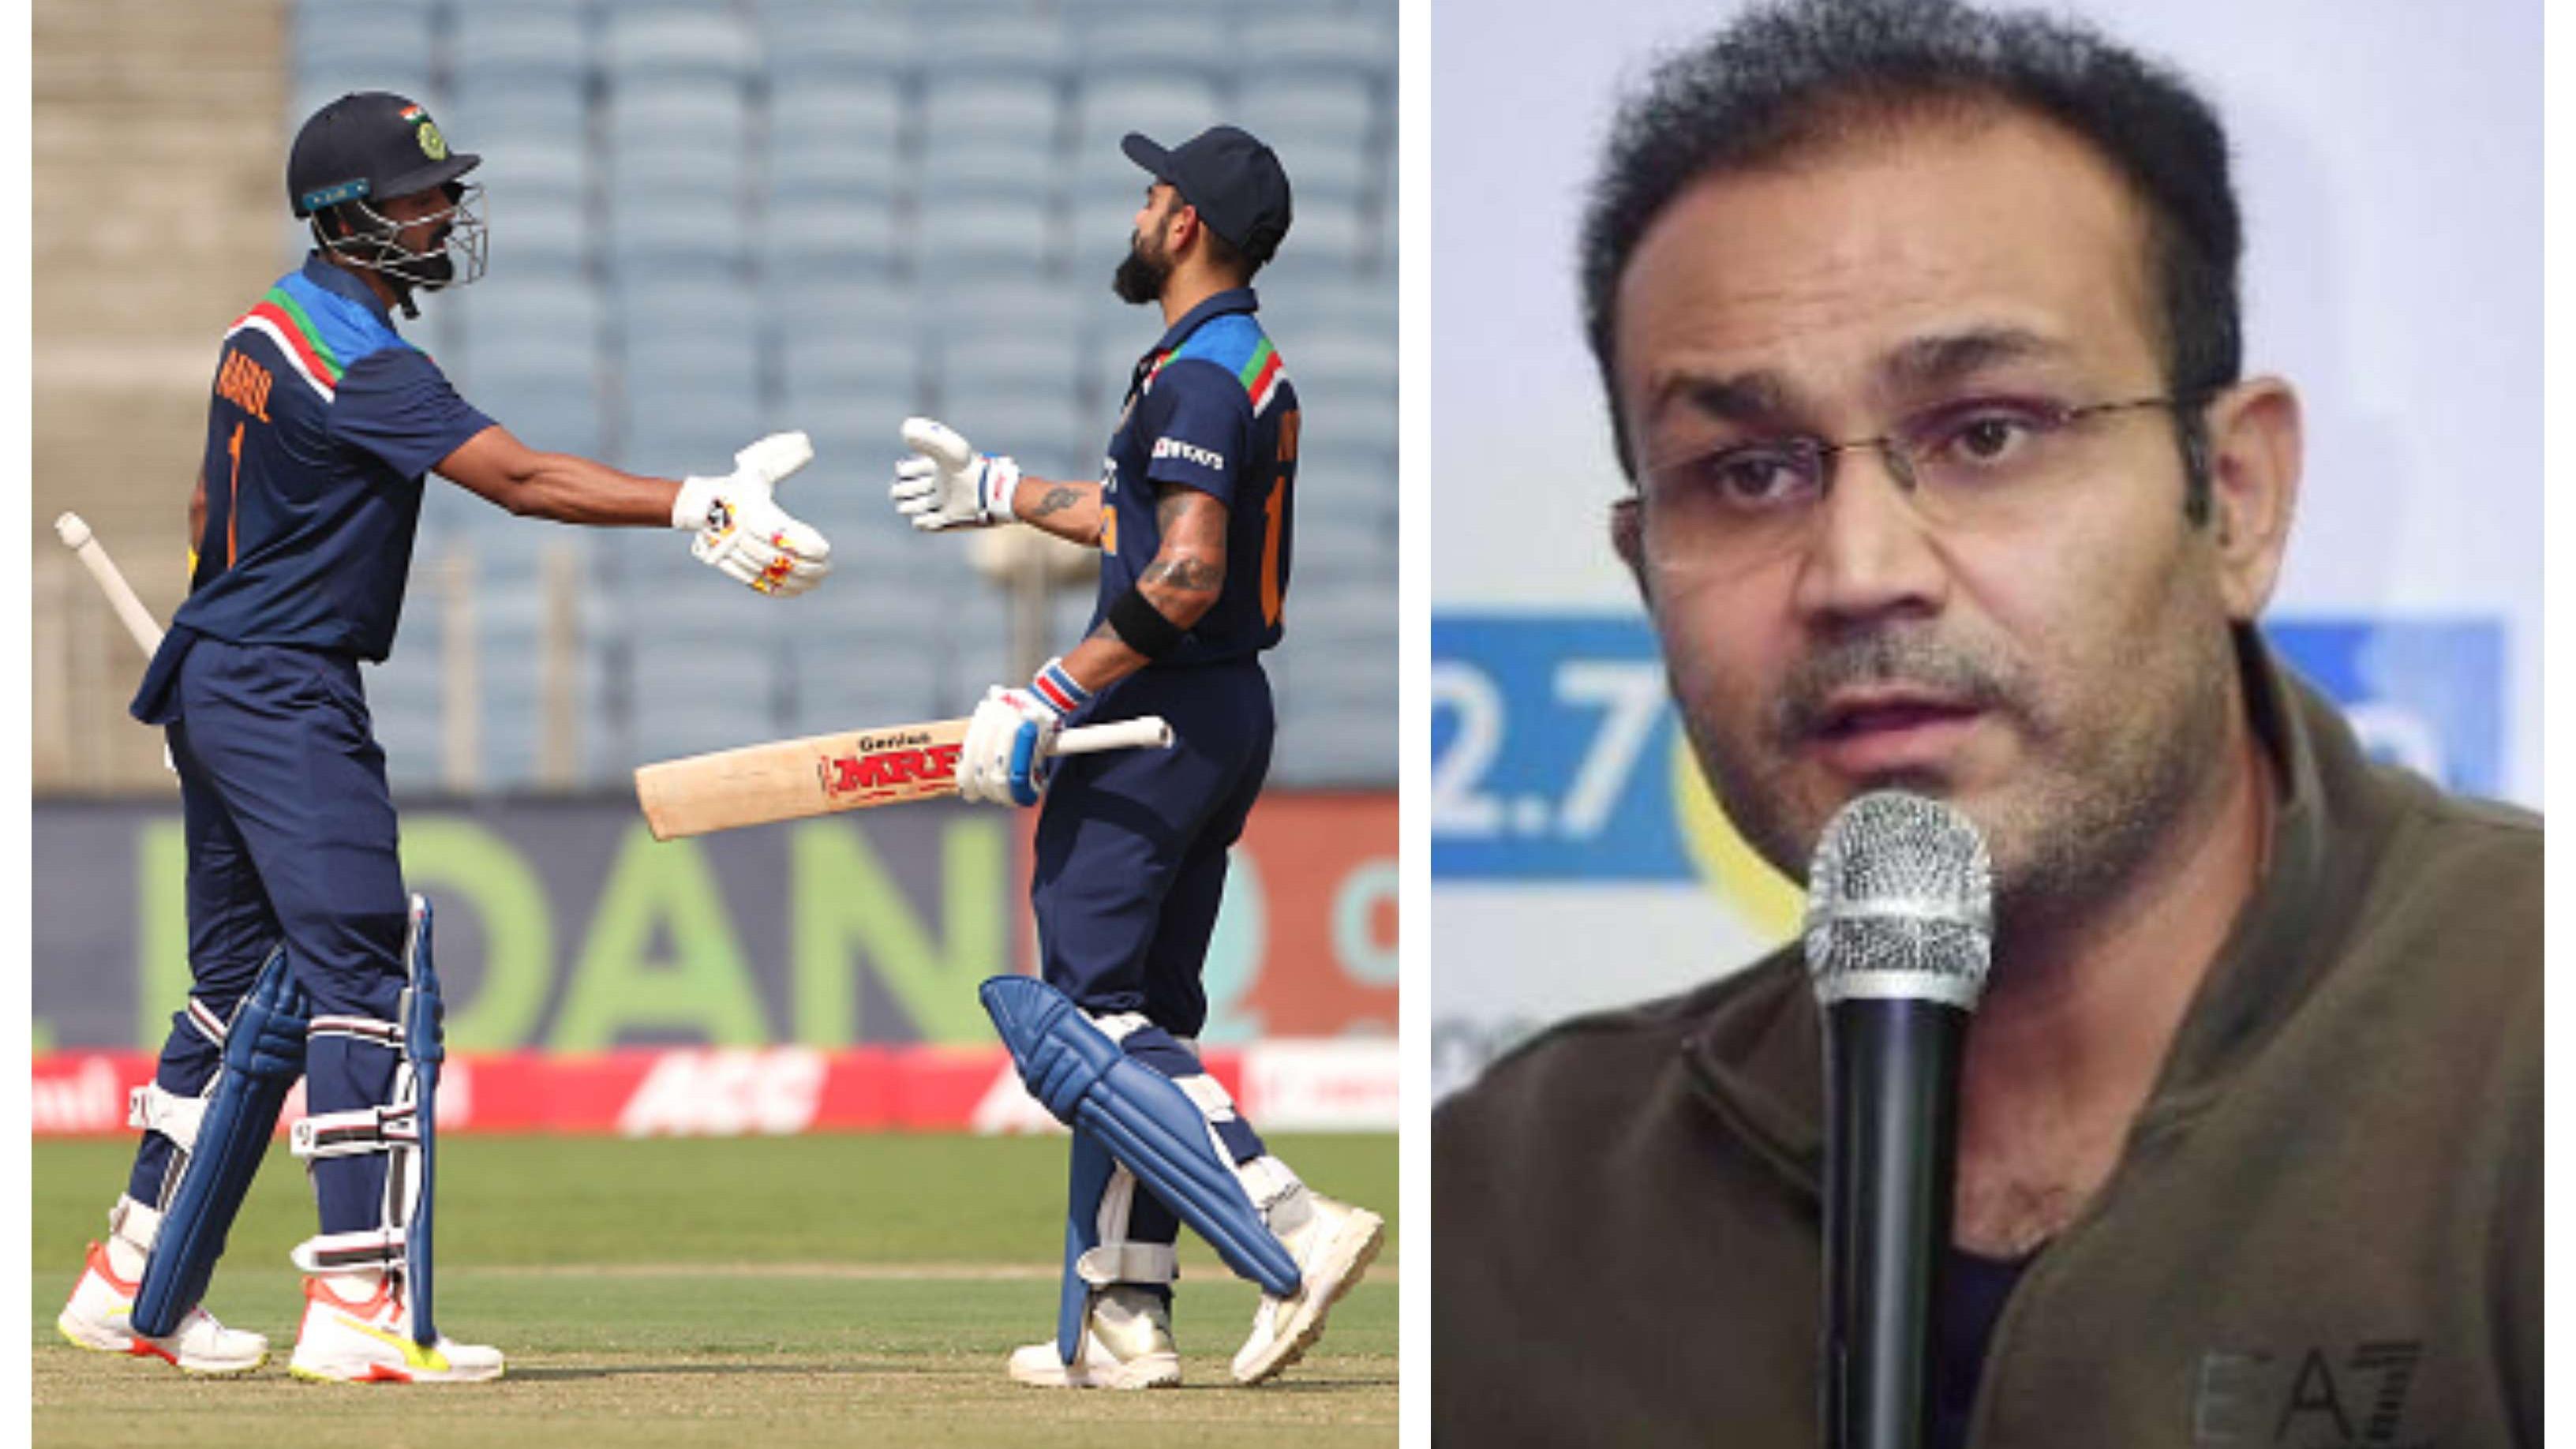 IND v ENG 2021: Virender Sehwag credits Virat Kohli for making KL Rahul an exceptional batsman